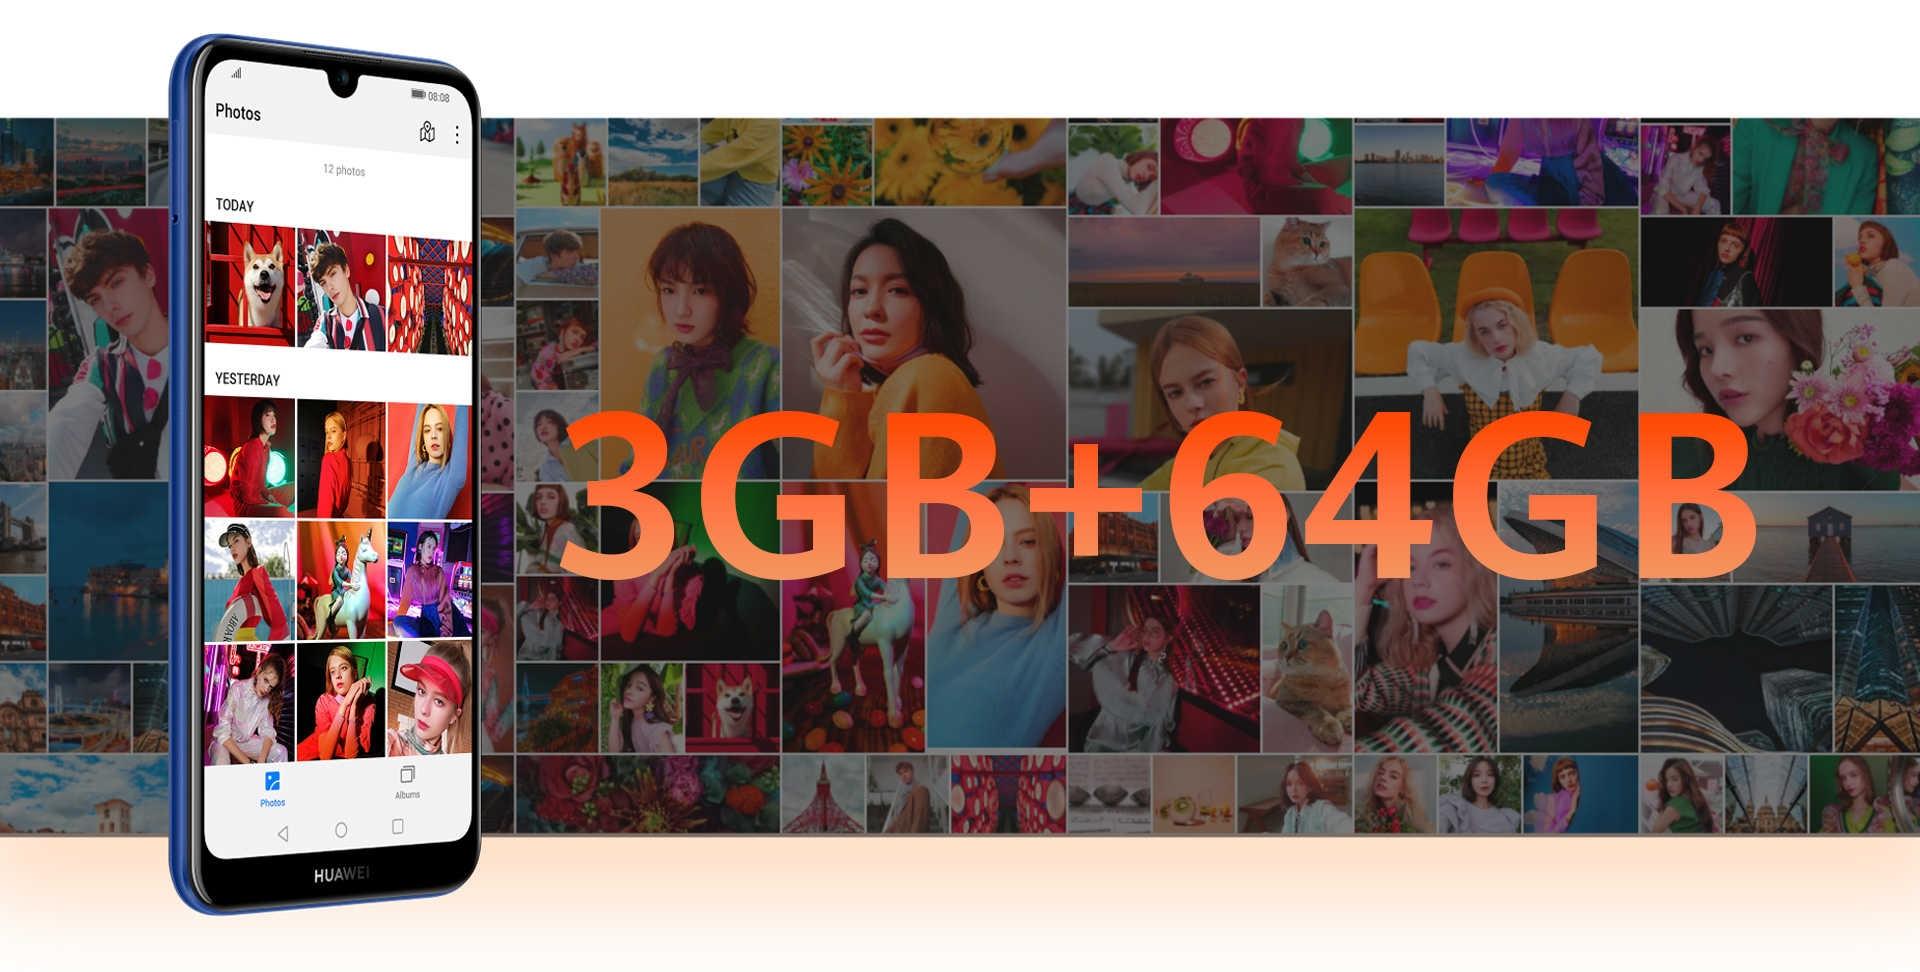 huawei y6s large storage phone